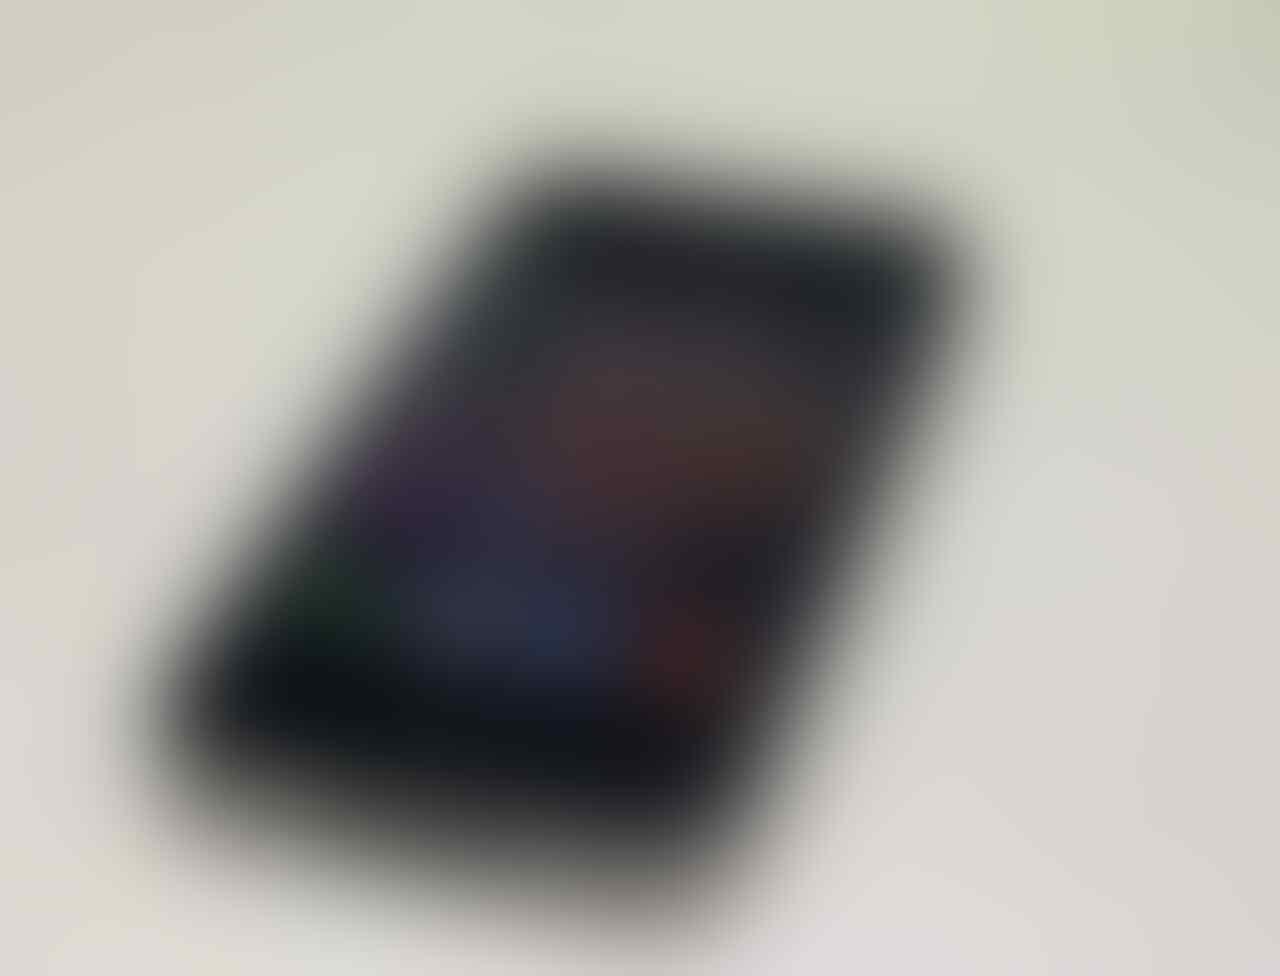 Dijual iPhone 4 FU (factory unlock)